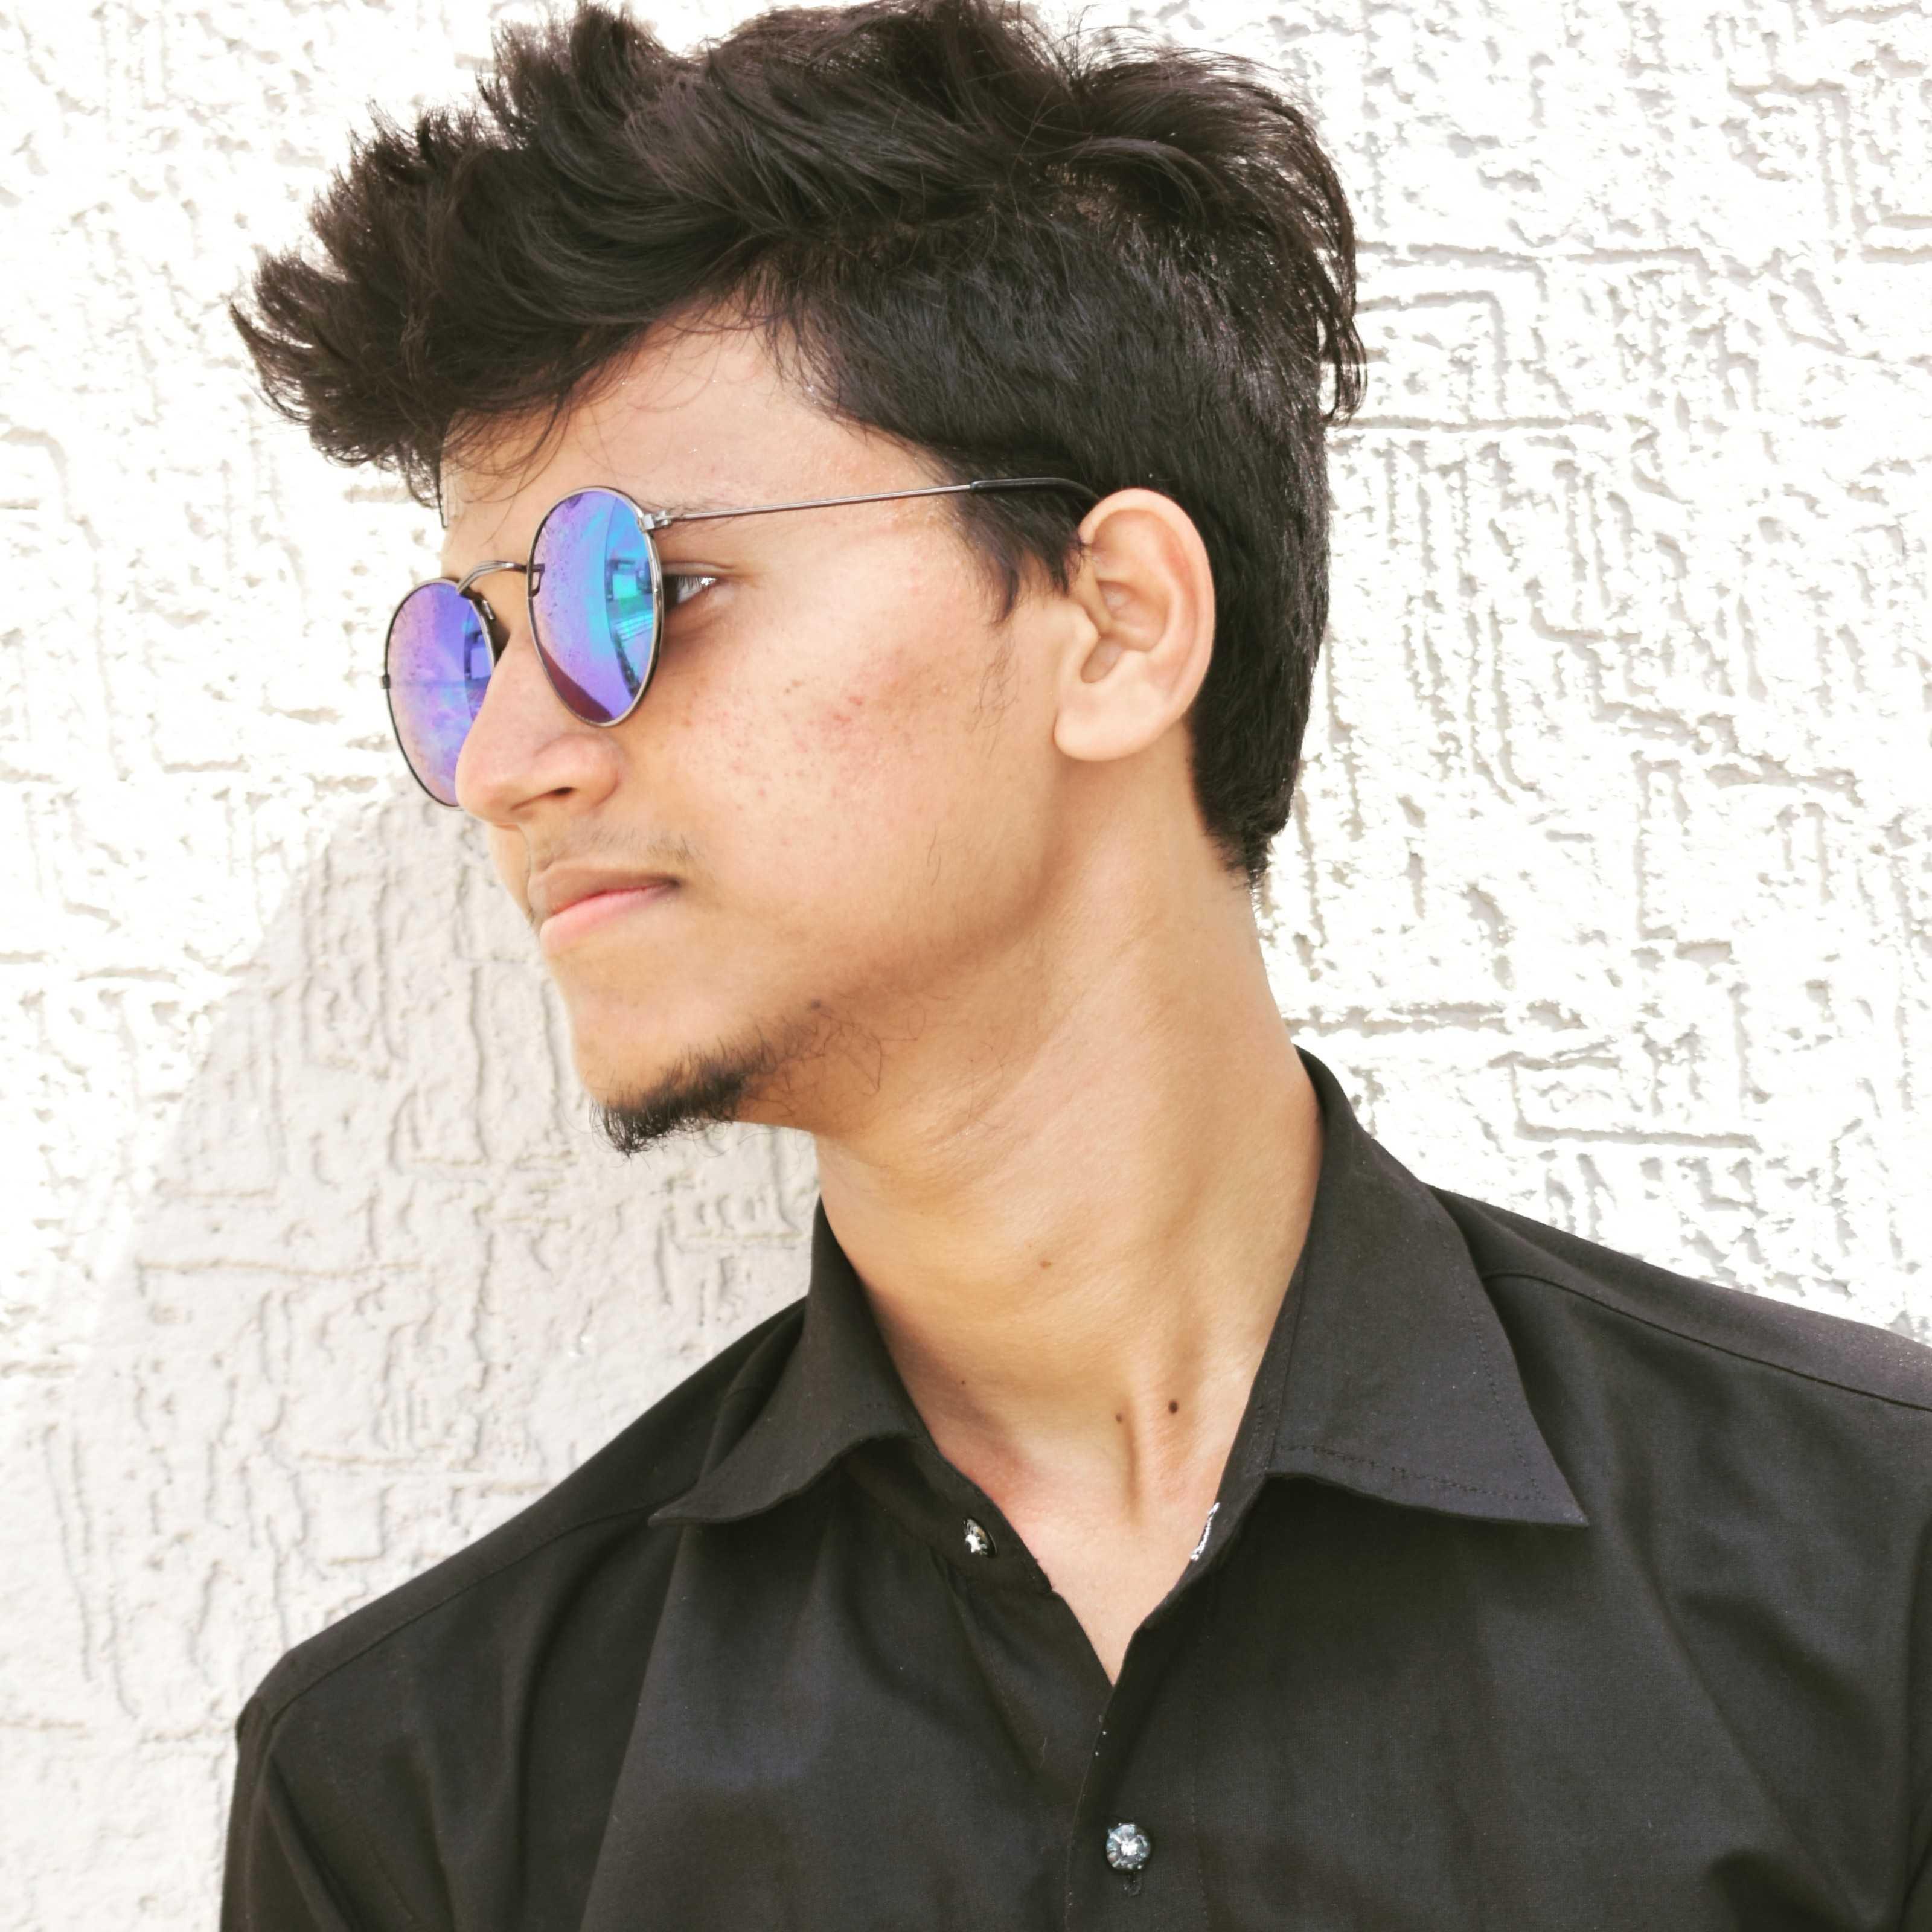 Sunny Mahesh Rana